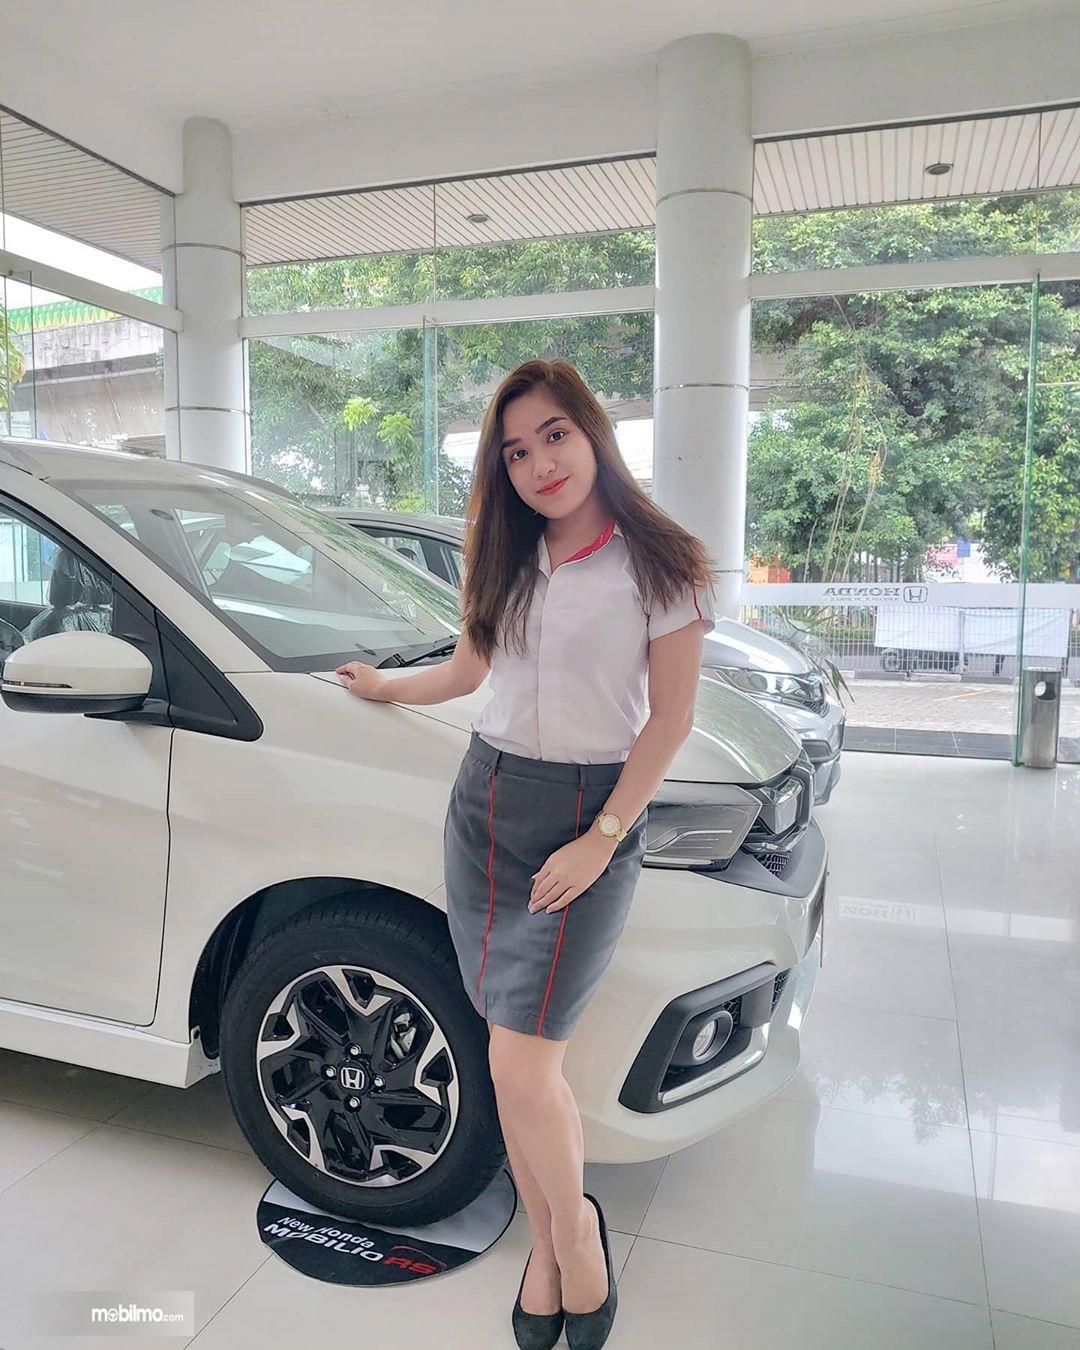 Foto menunjukkan seorang sales berpose bersama mobil Honad di Diler Honda Cempaka Putih